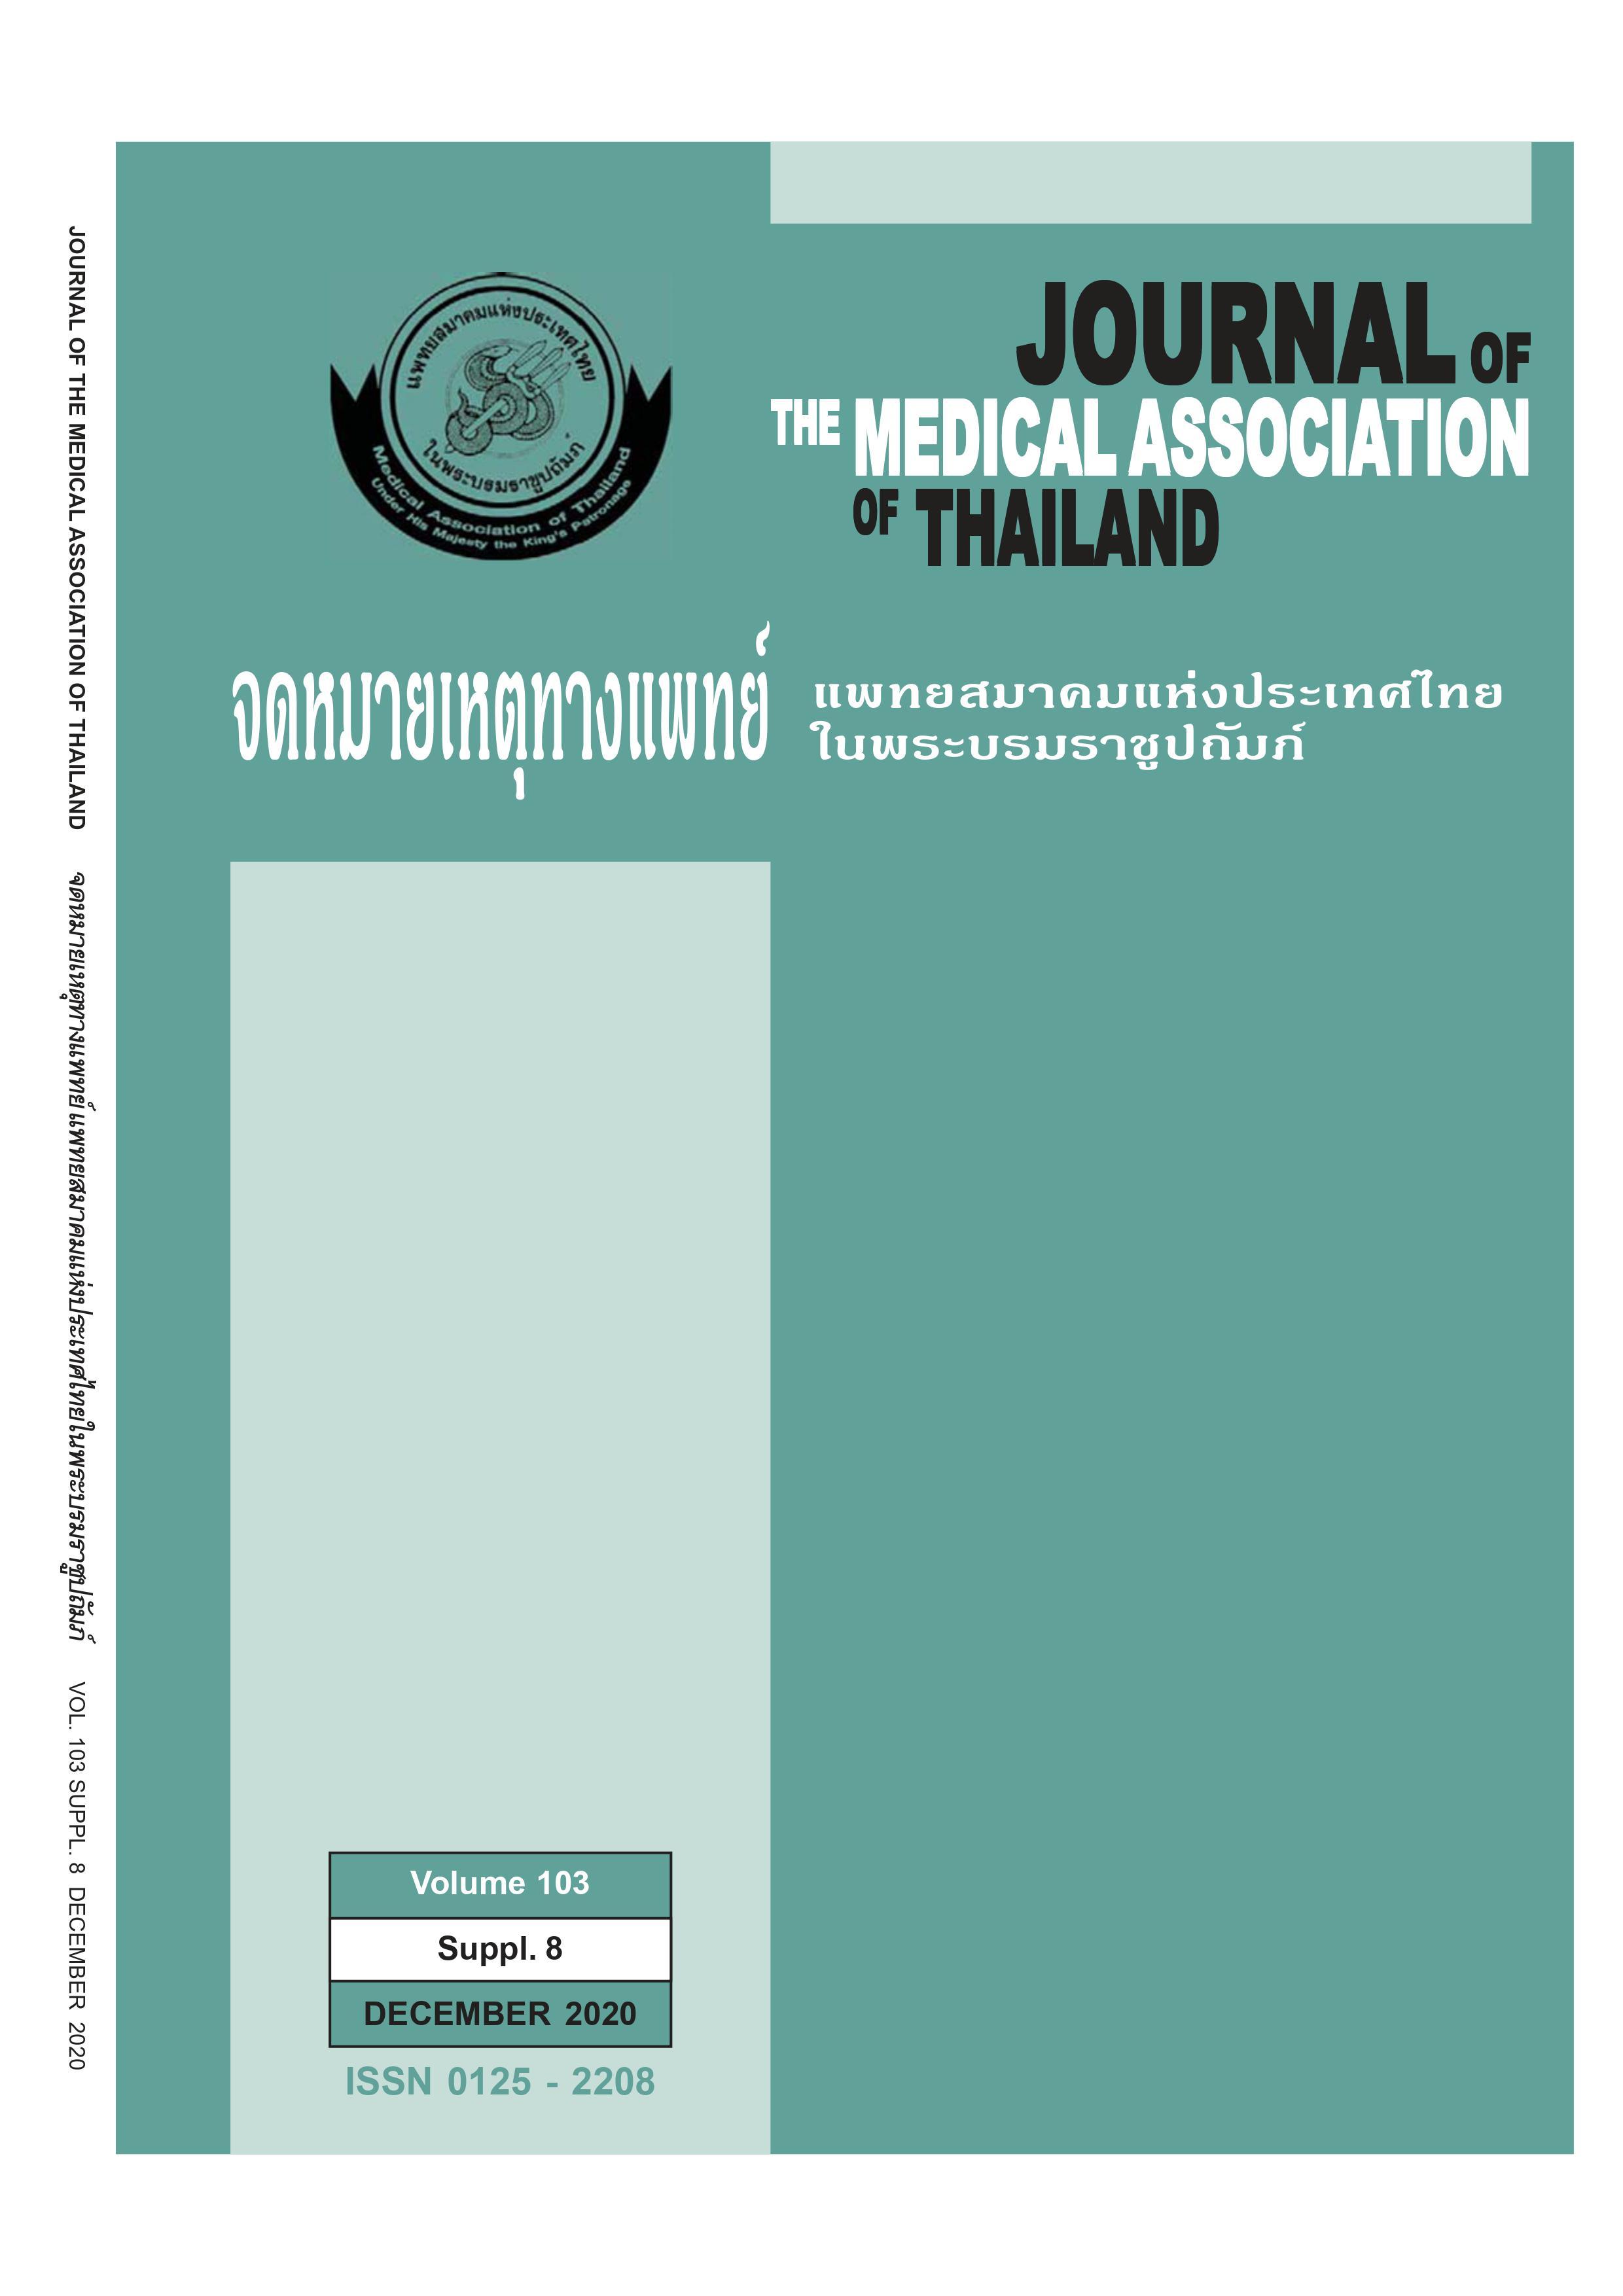 จพสท.ฉบับสมาคมแพทย์ระบบทางเดินอาหารแห่งประเทศไทย ธันวาคม 2563